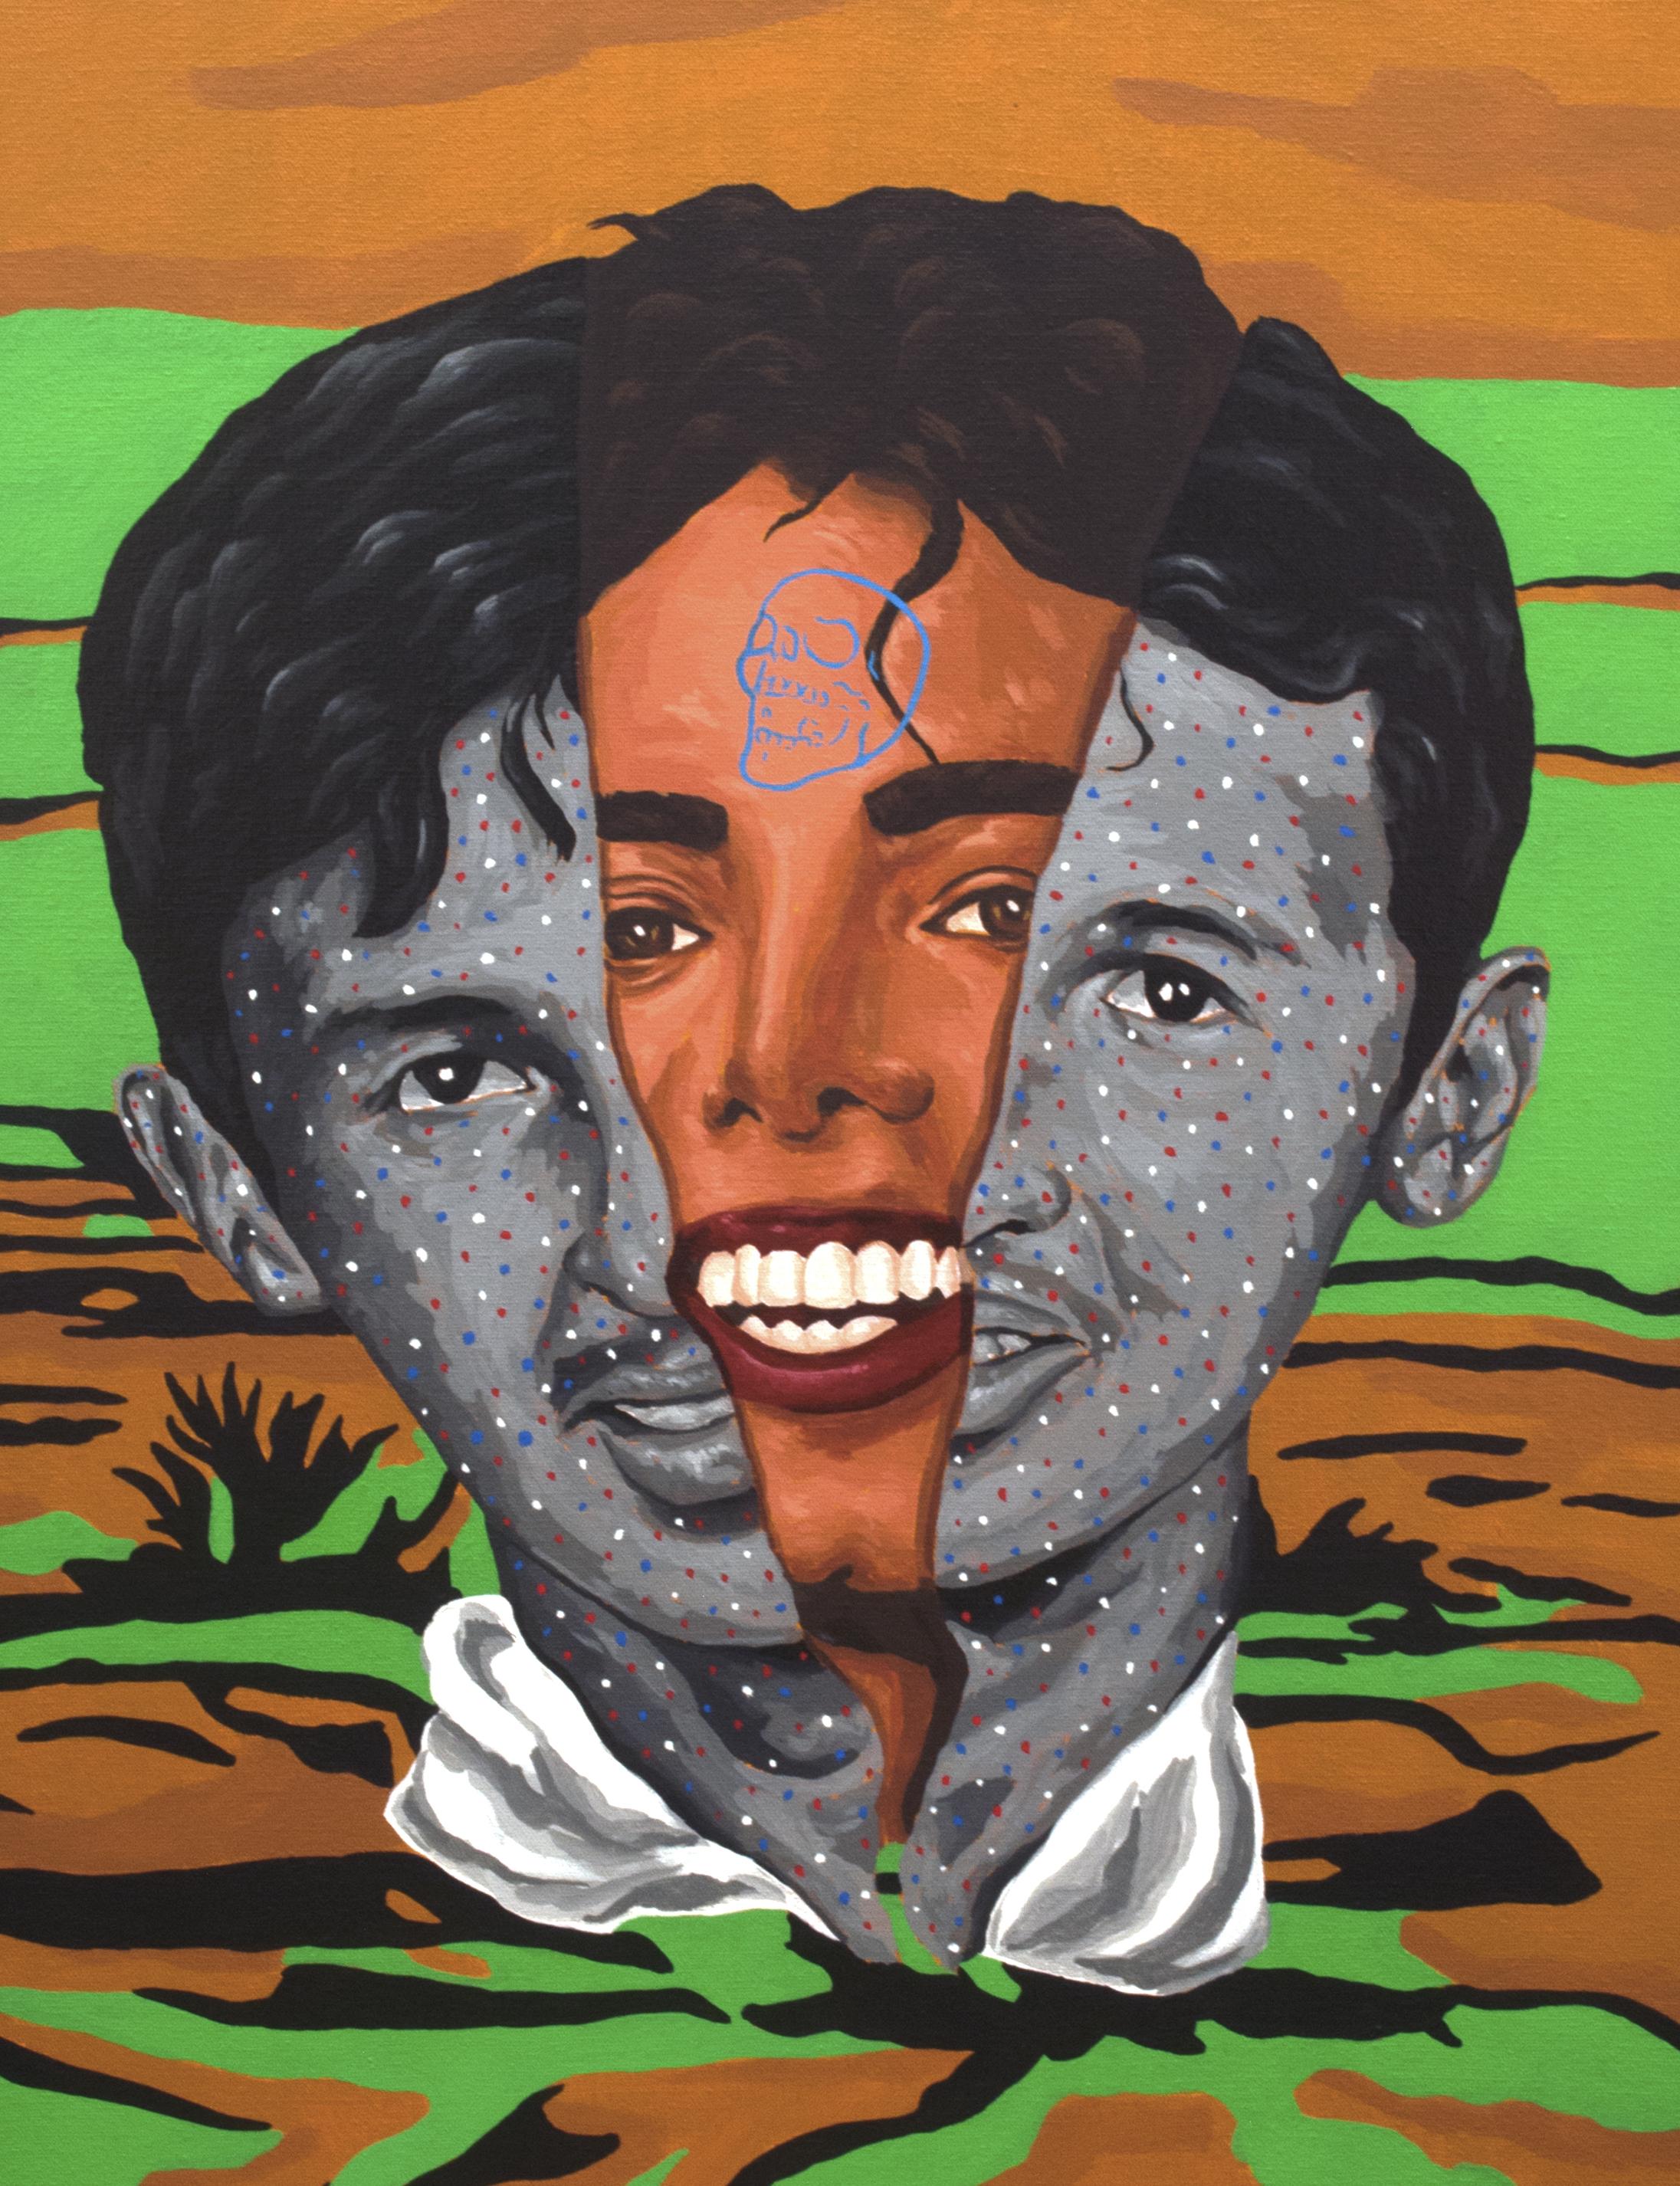 Cholo Jackson Mural Study